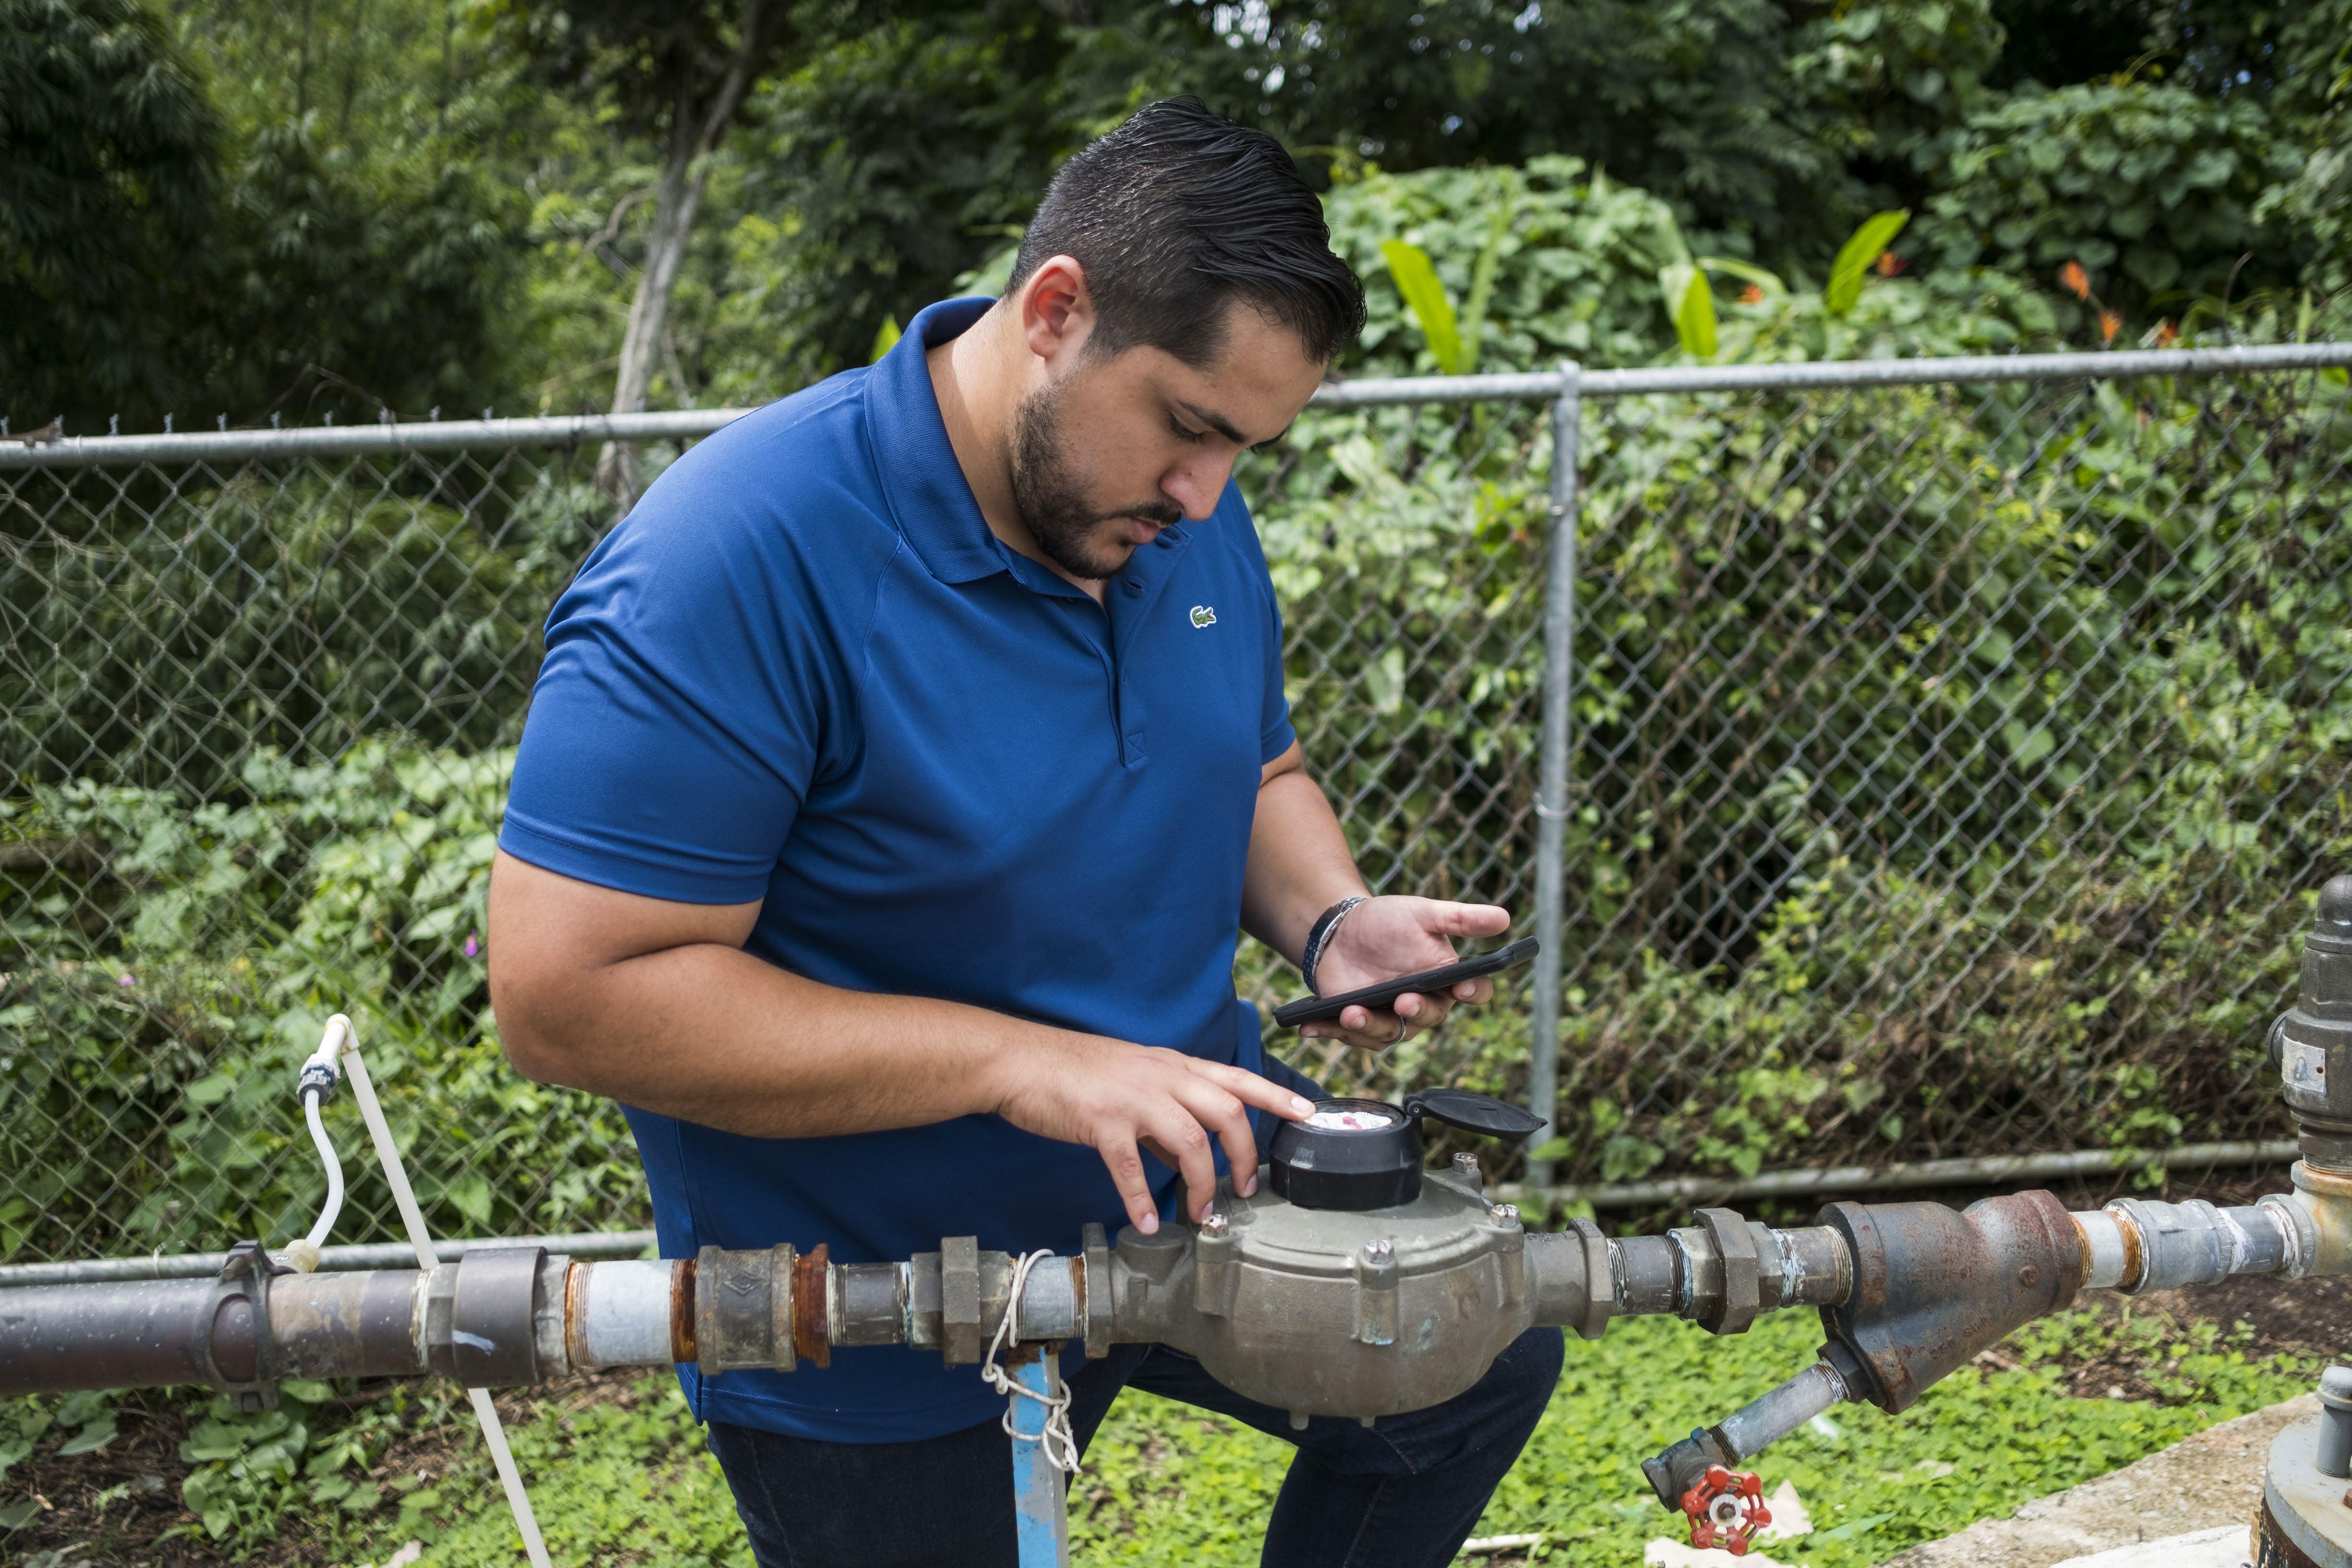 Alex Rodríguez, un joven estudiante de doctorado oriundo de Canovanas, Puerto Rico, verifica la presión del agua en la comunidad de Tejas, en Yabucoa, donde se instalaron paneles solares para suministrar energía al sistema de bombeo de agua de la comunidad. (Foto de Dennis M. Rivera Pichardo para Direct Relief)